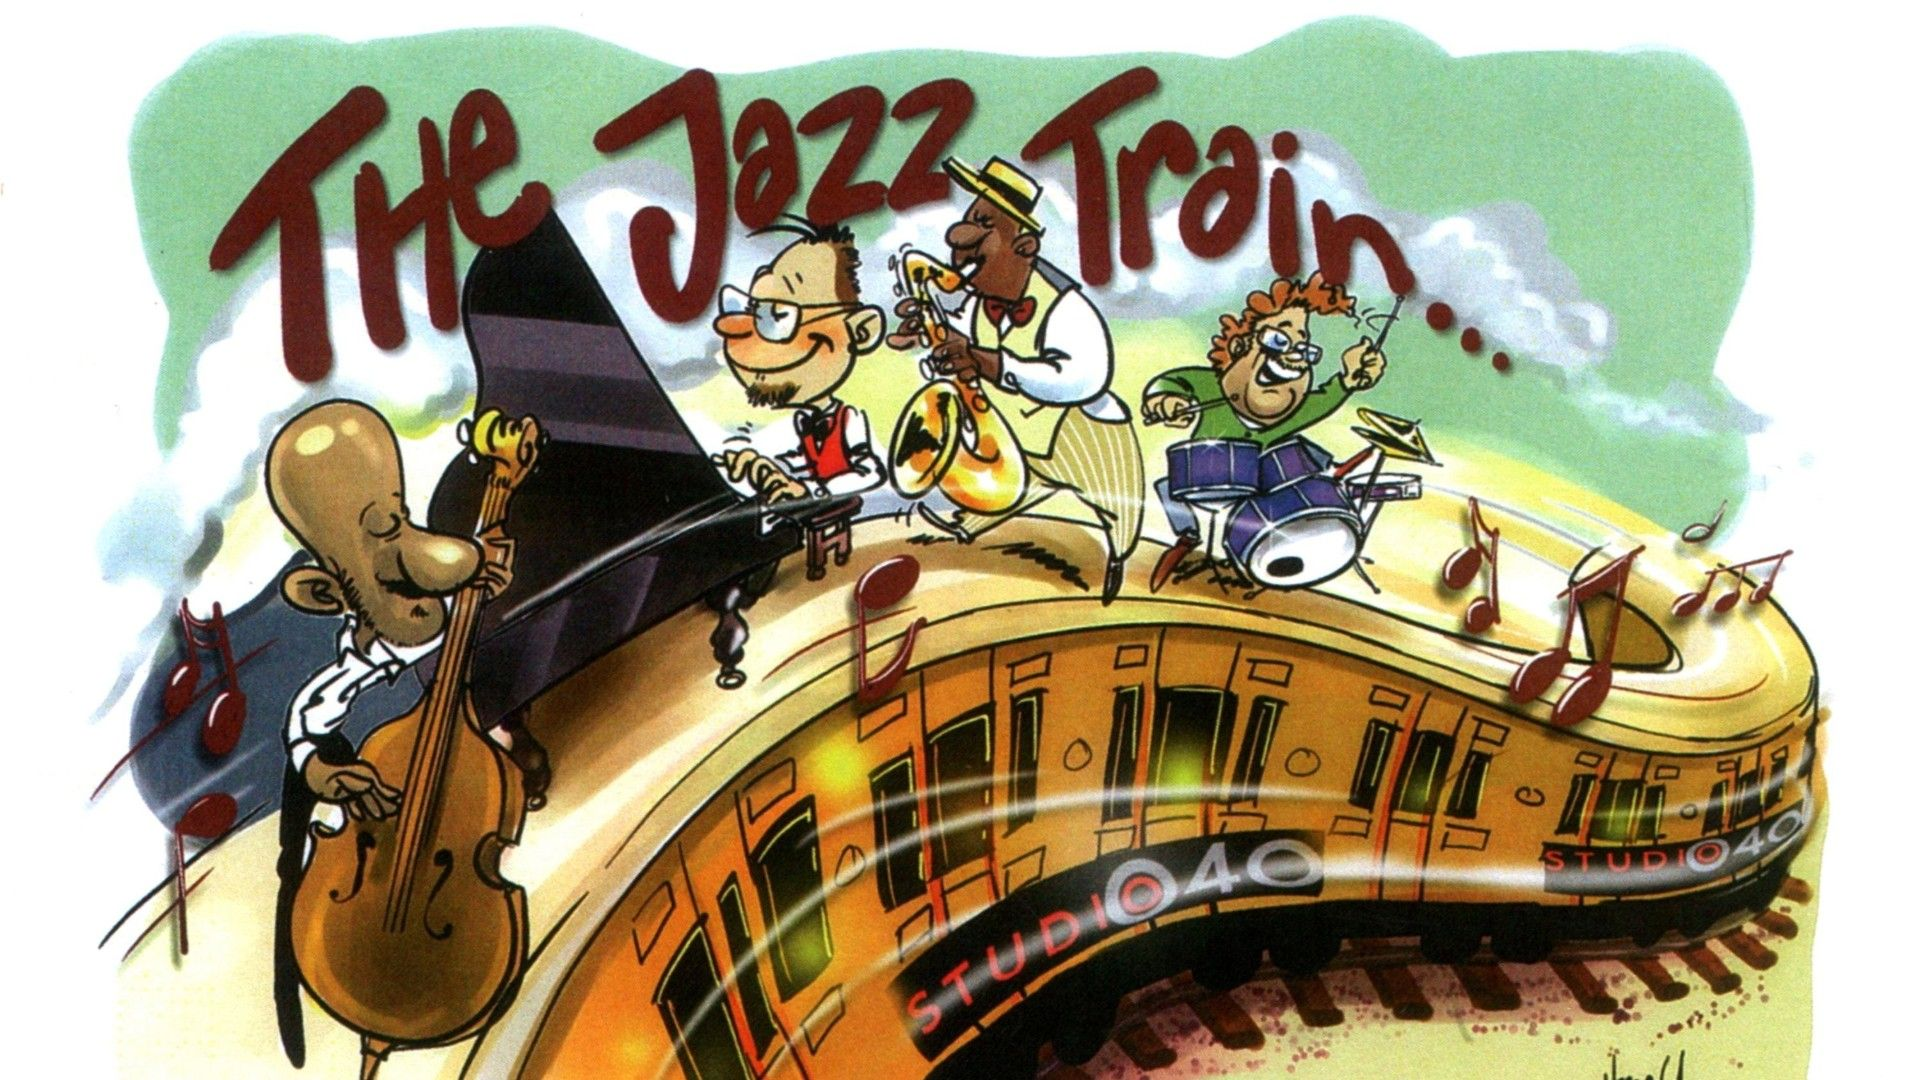 Jazztrain podcast